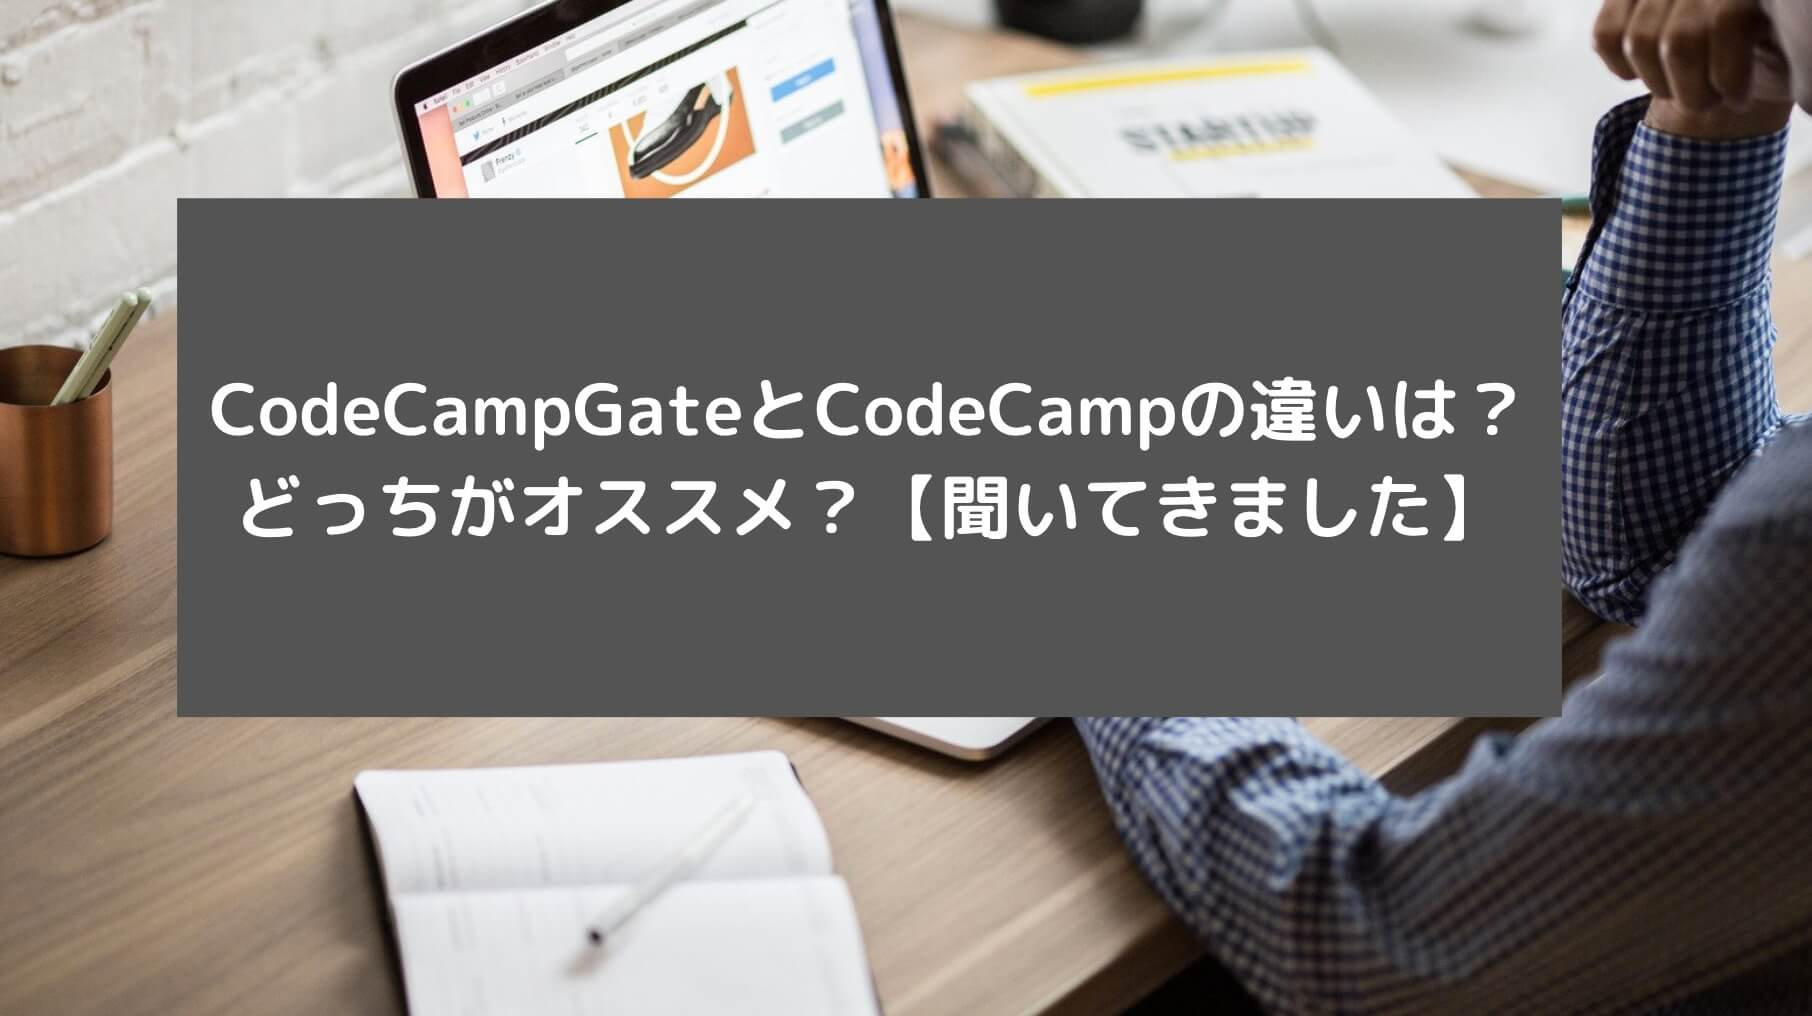 CodeCampGateとCodeCampの違いは?どっちがオススメ?【聞いてきました】と書かれた画像